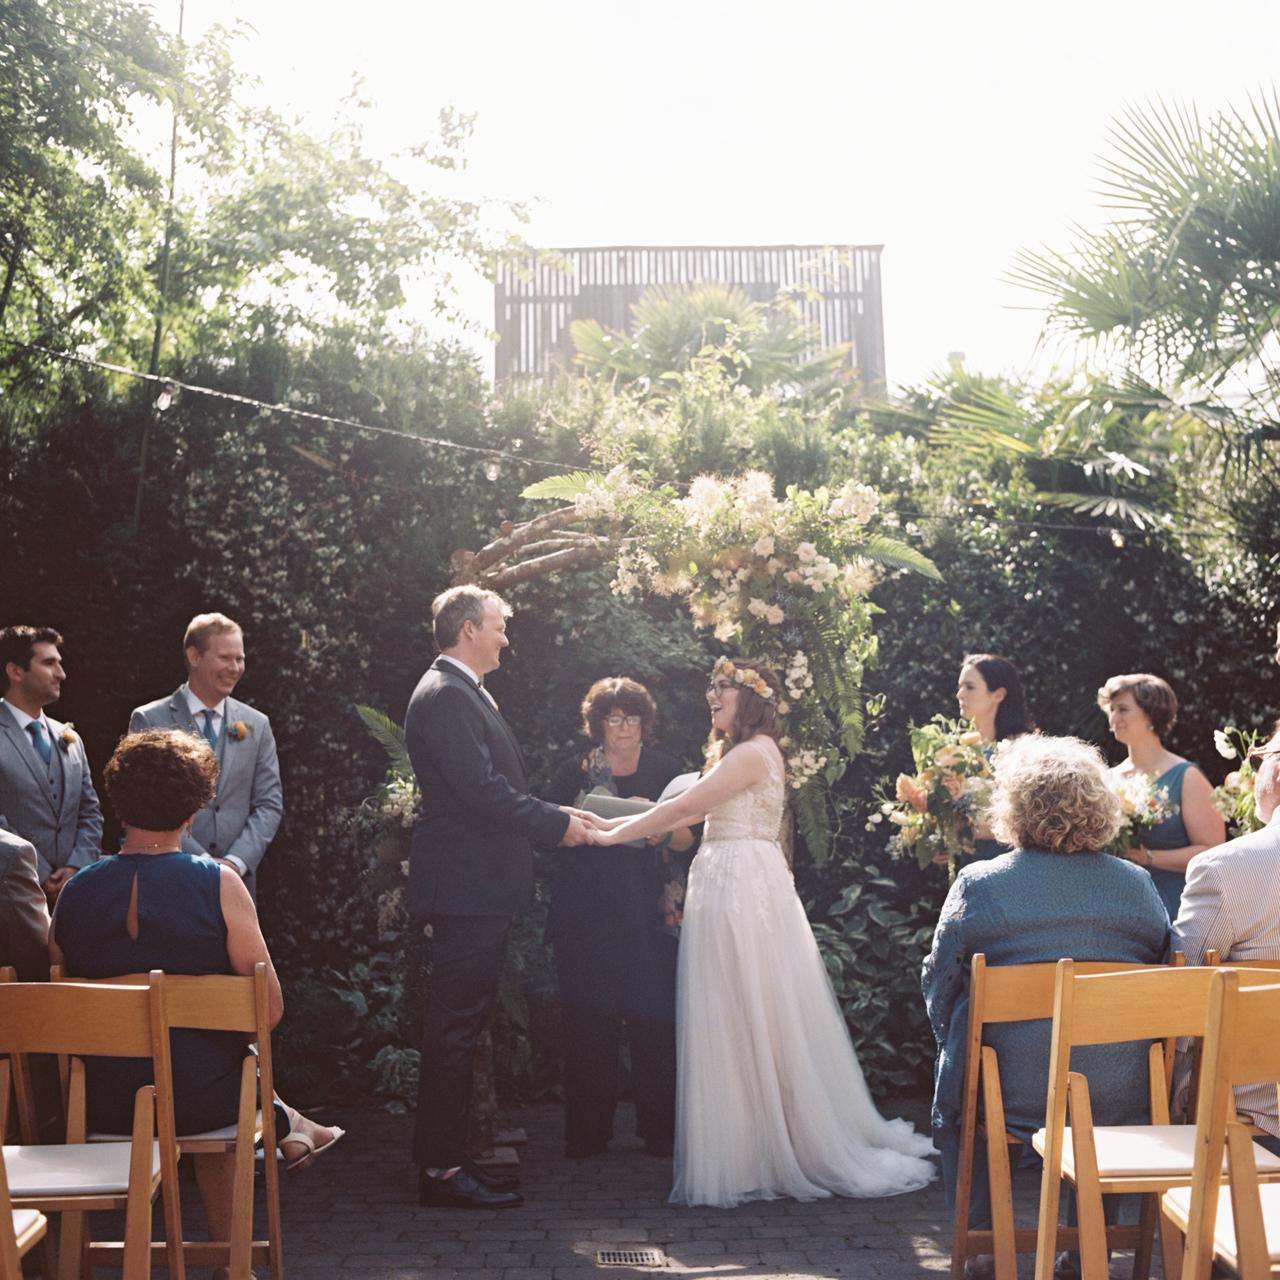 kennedy-school-mcmenamins-portland-wedding-063.JPG